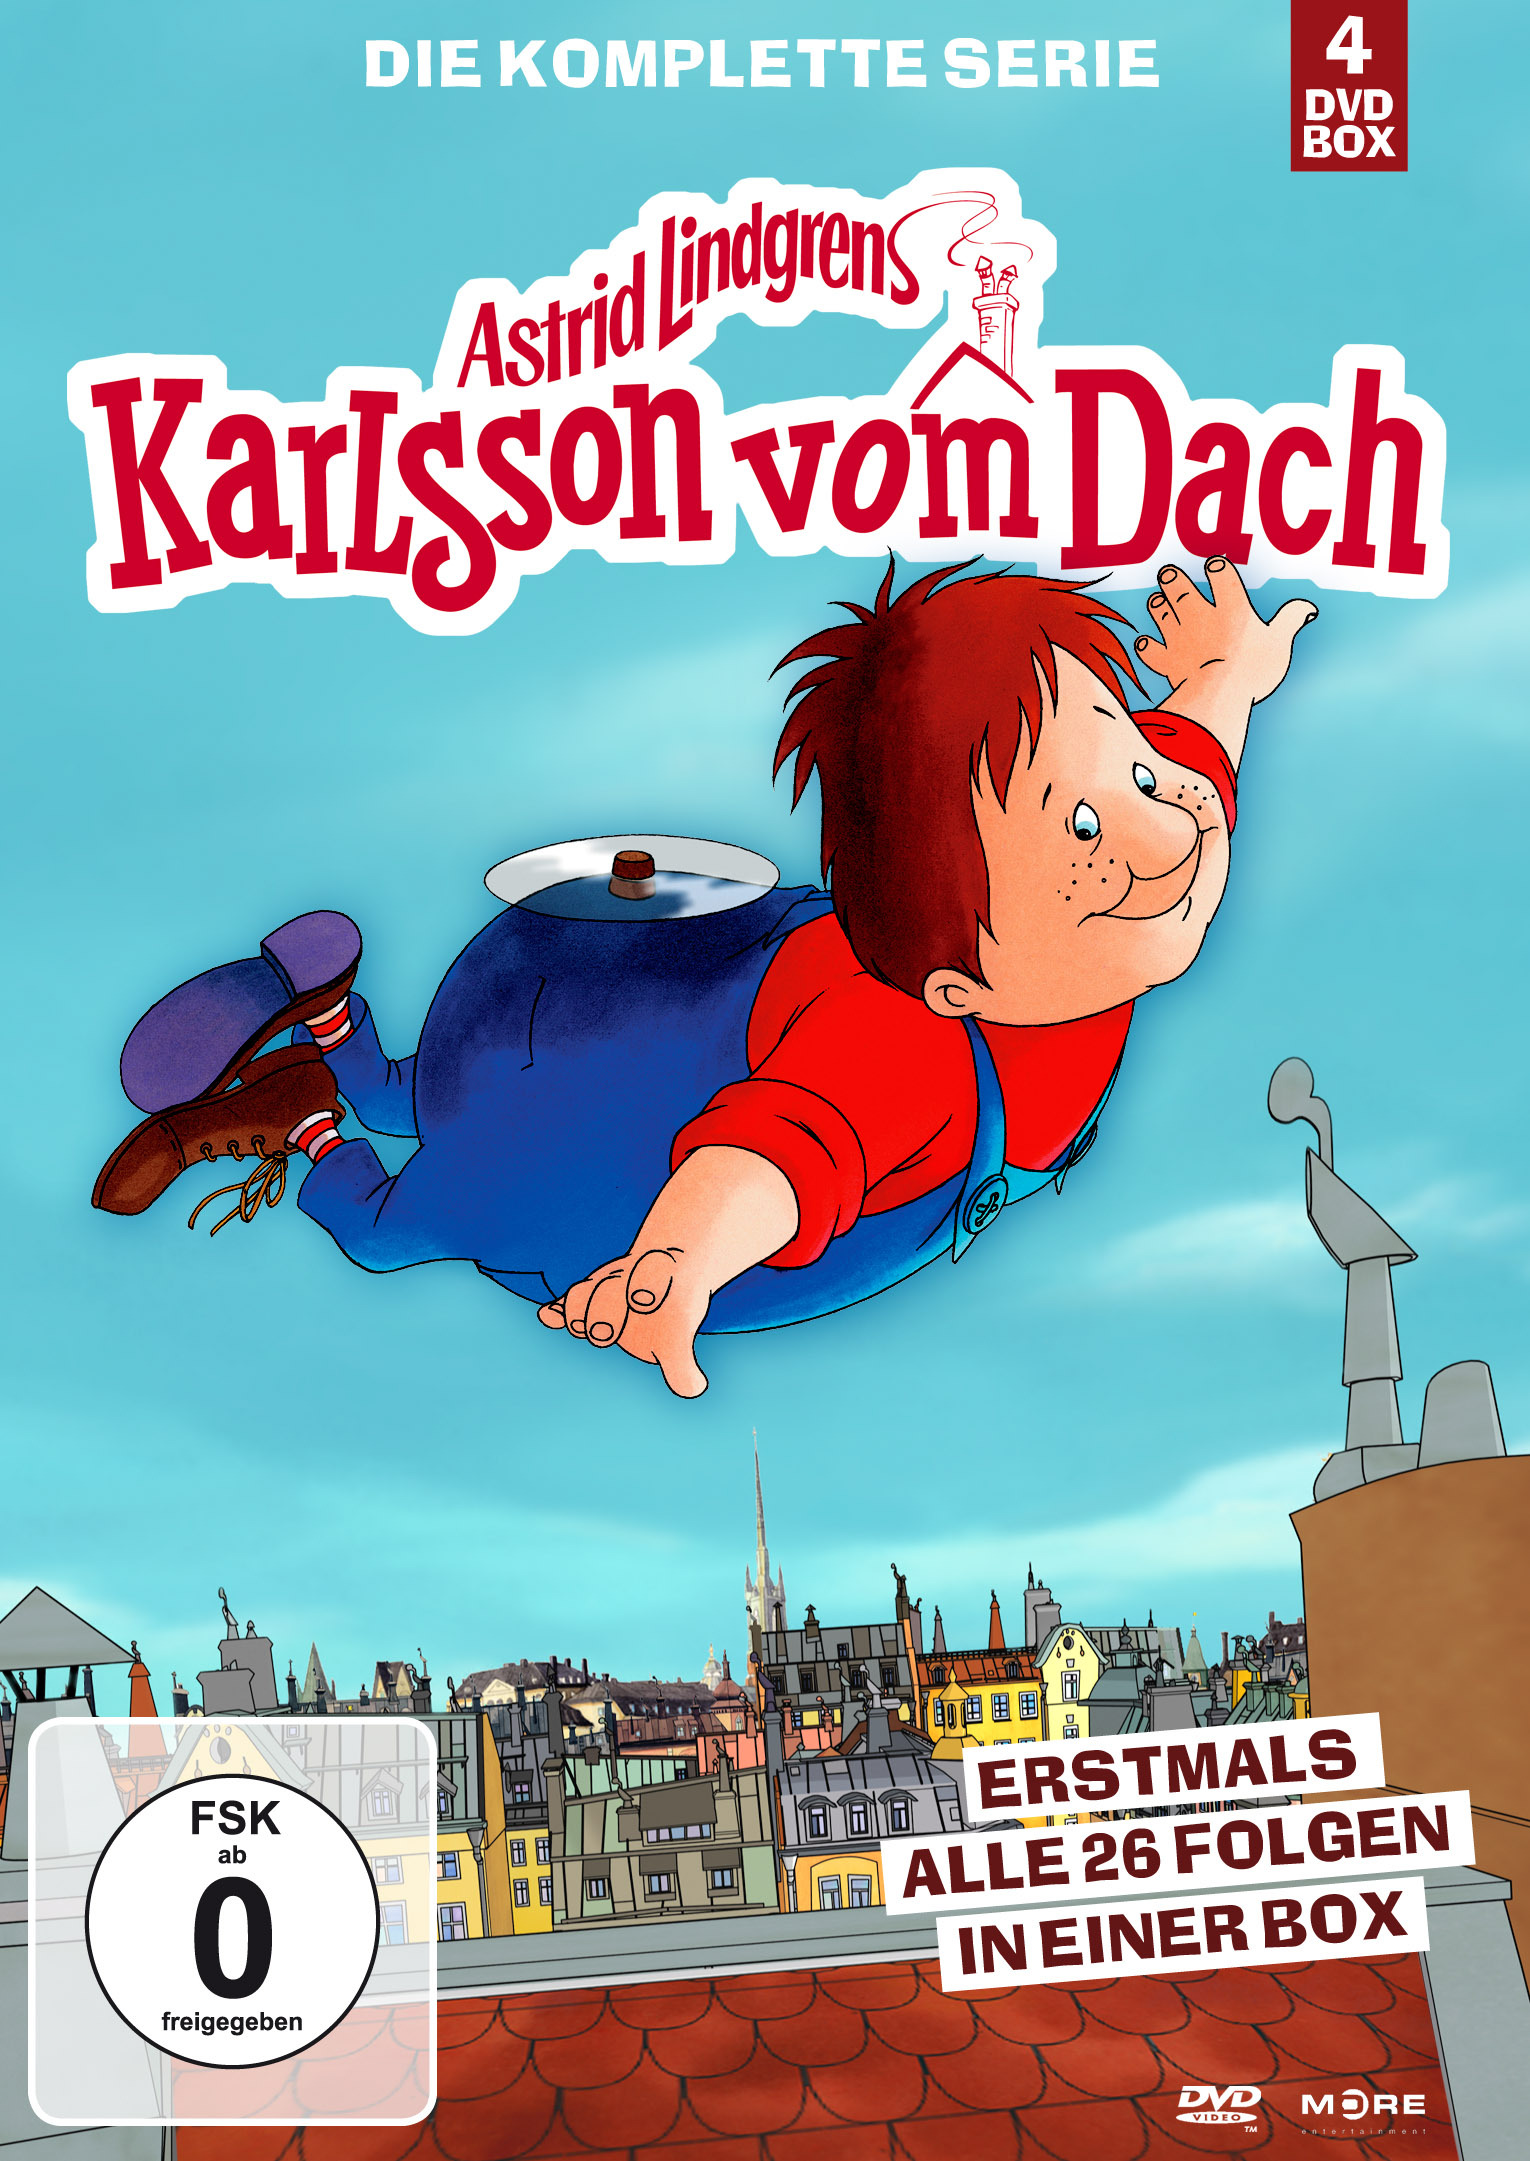 Image of Karlsson vom Dach - Die komplette Serie